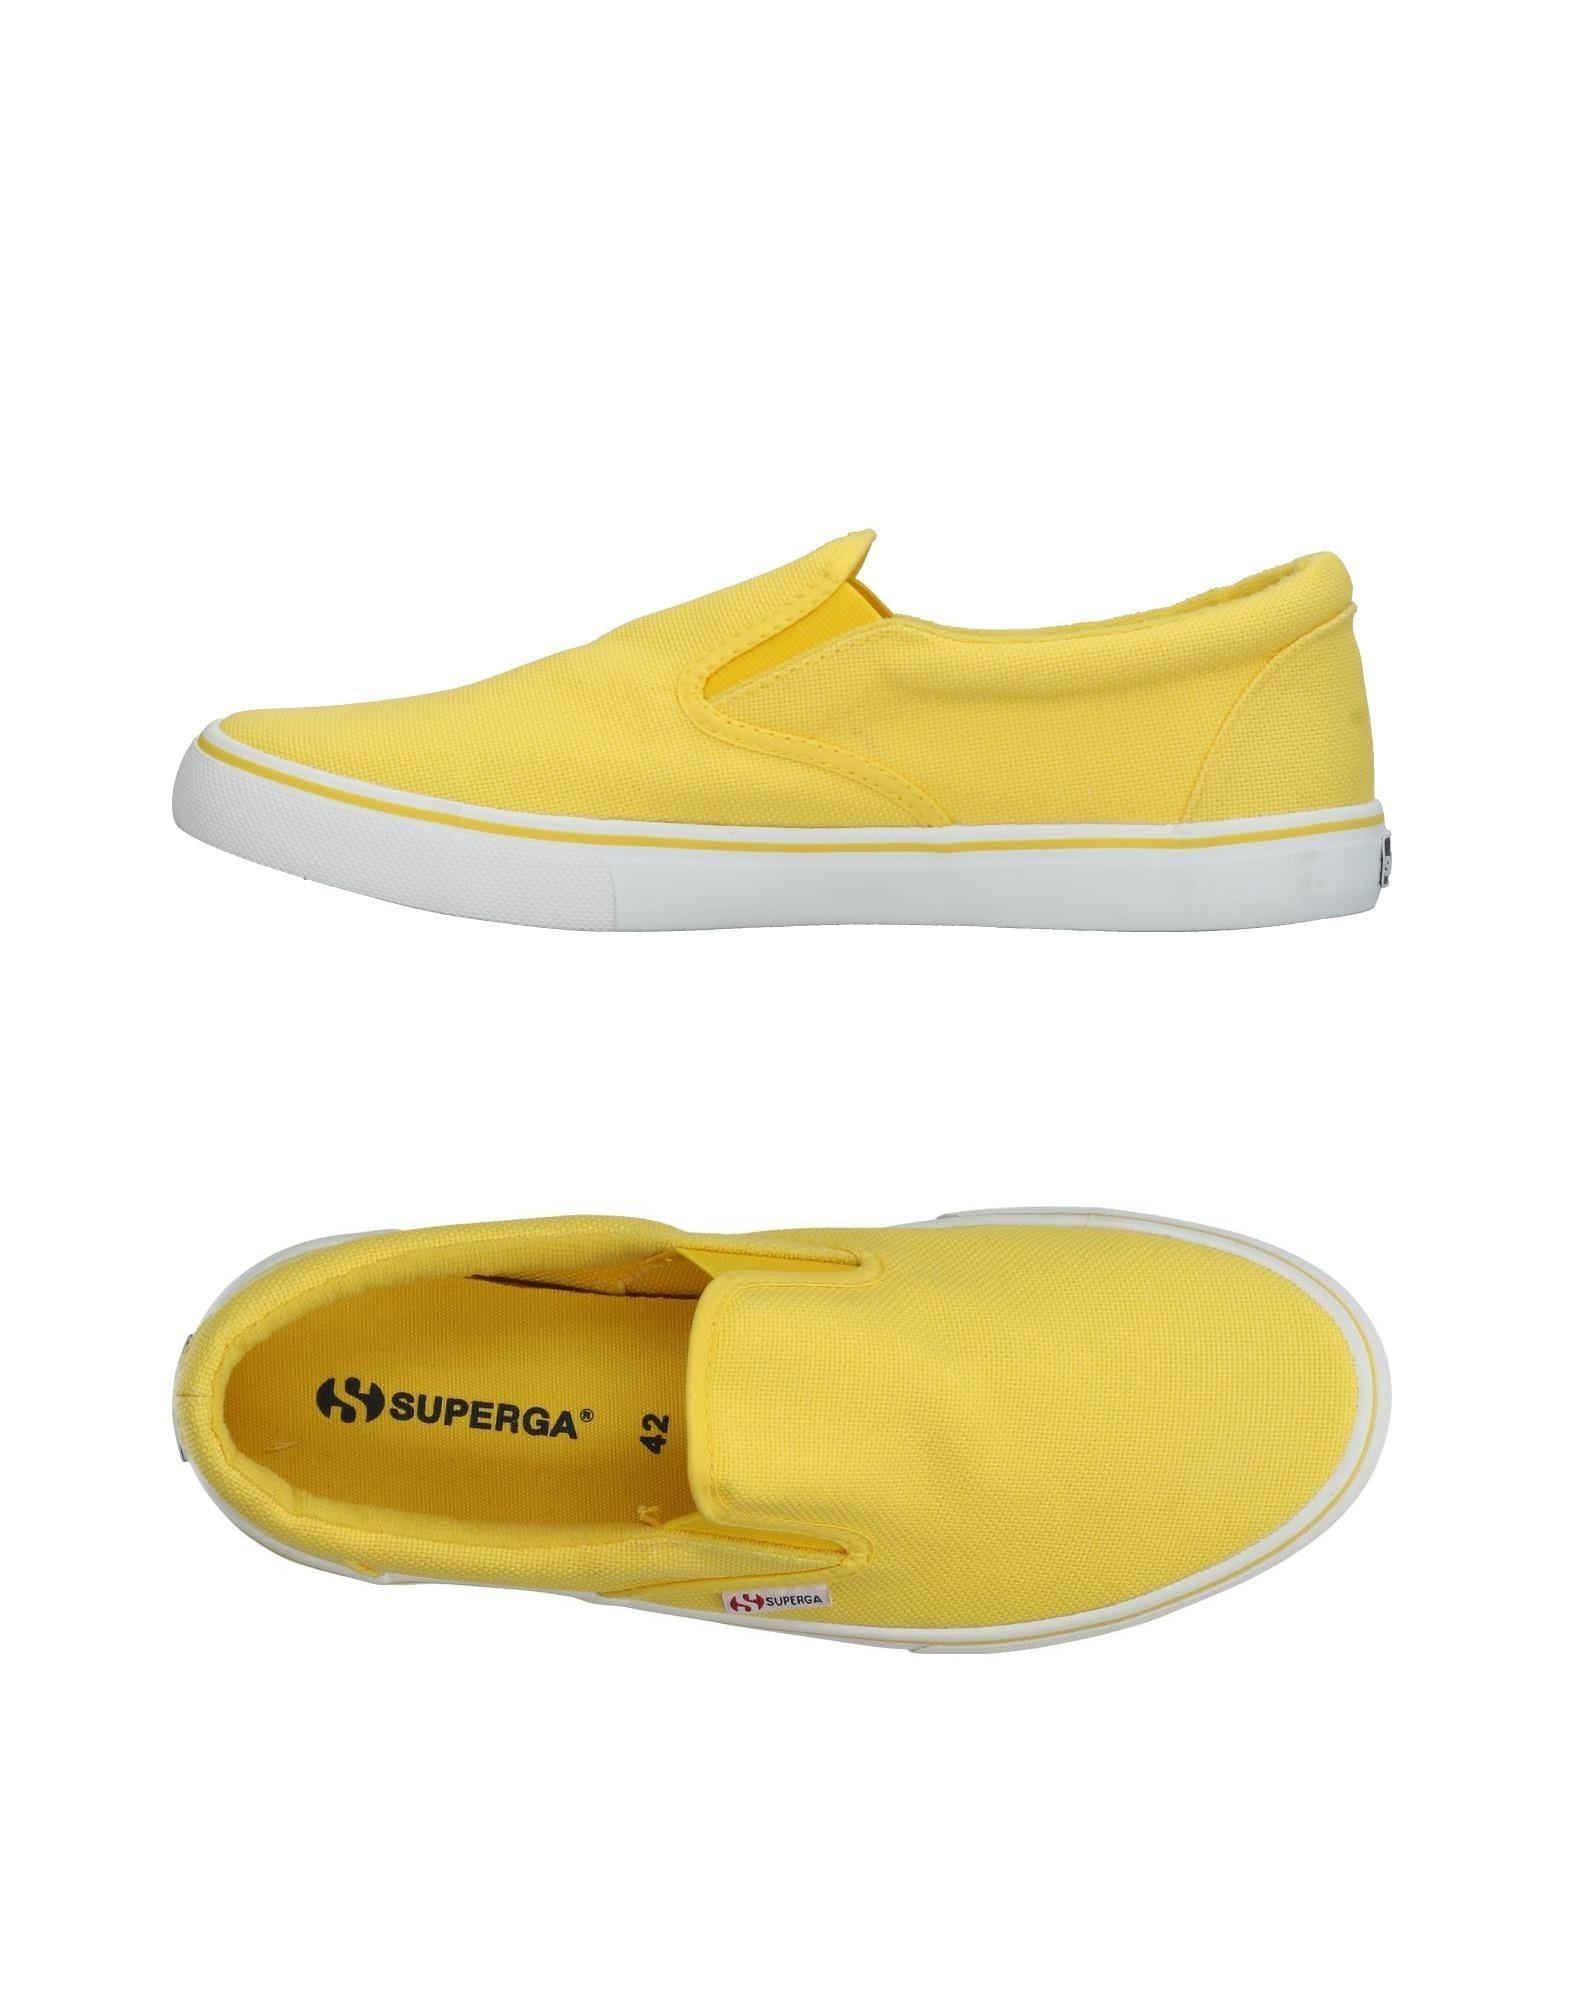 Zapatillas Superga®  Hombre - Zapatillas Superga®  Superga® Negro b467db